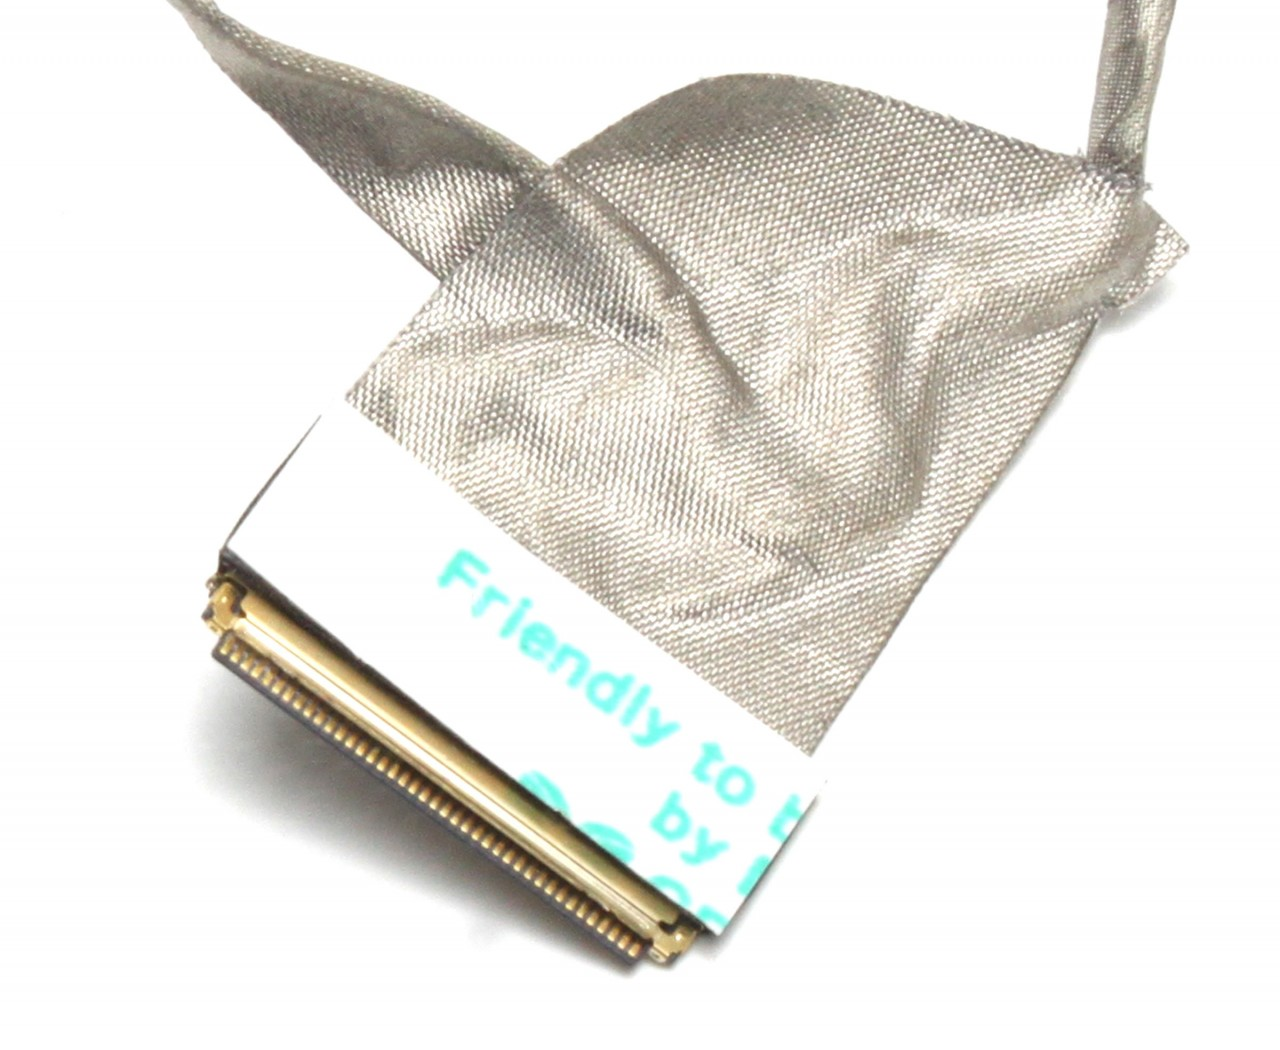 Cablu video LVDS Fujitsu LifeBook AH531 imagine powerlaptop.ro 2021